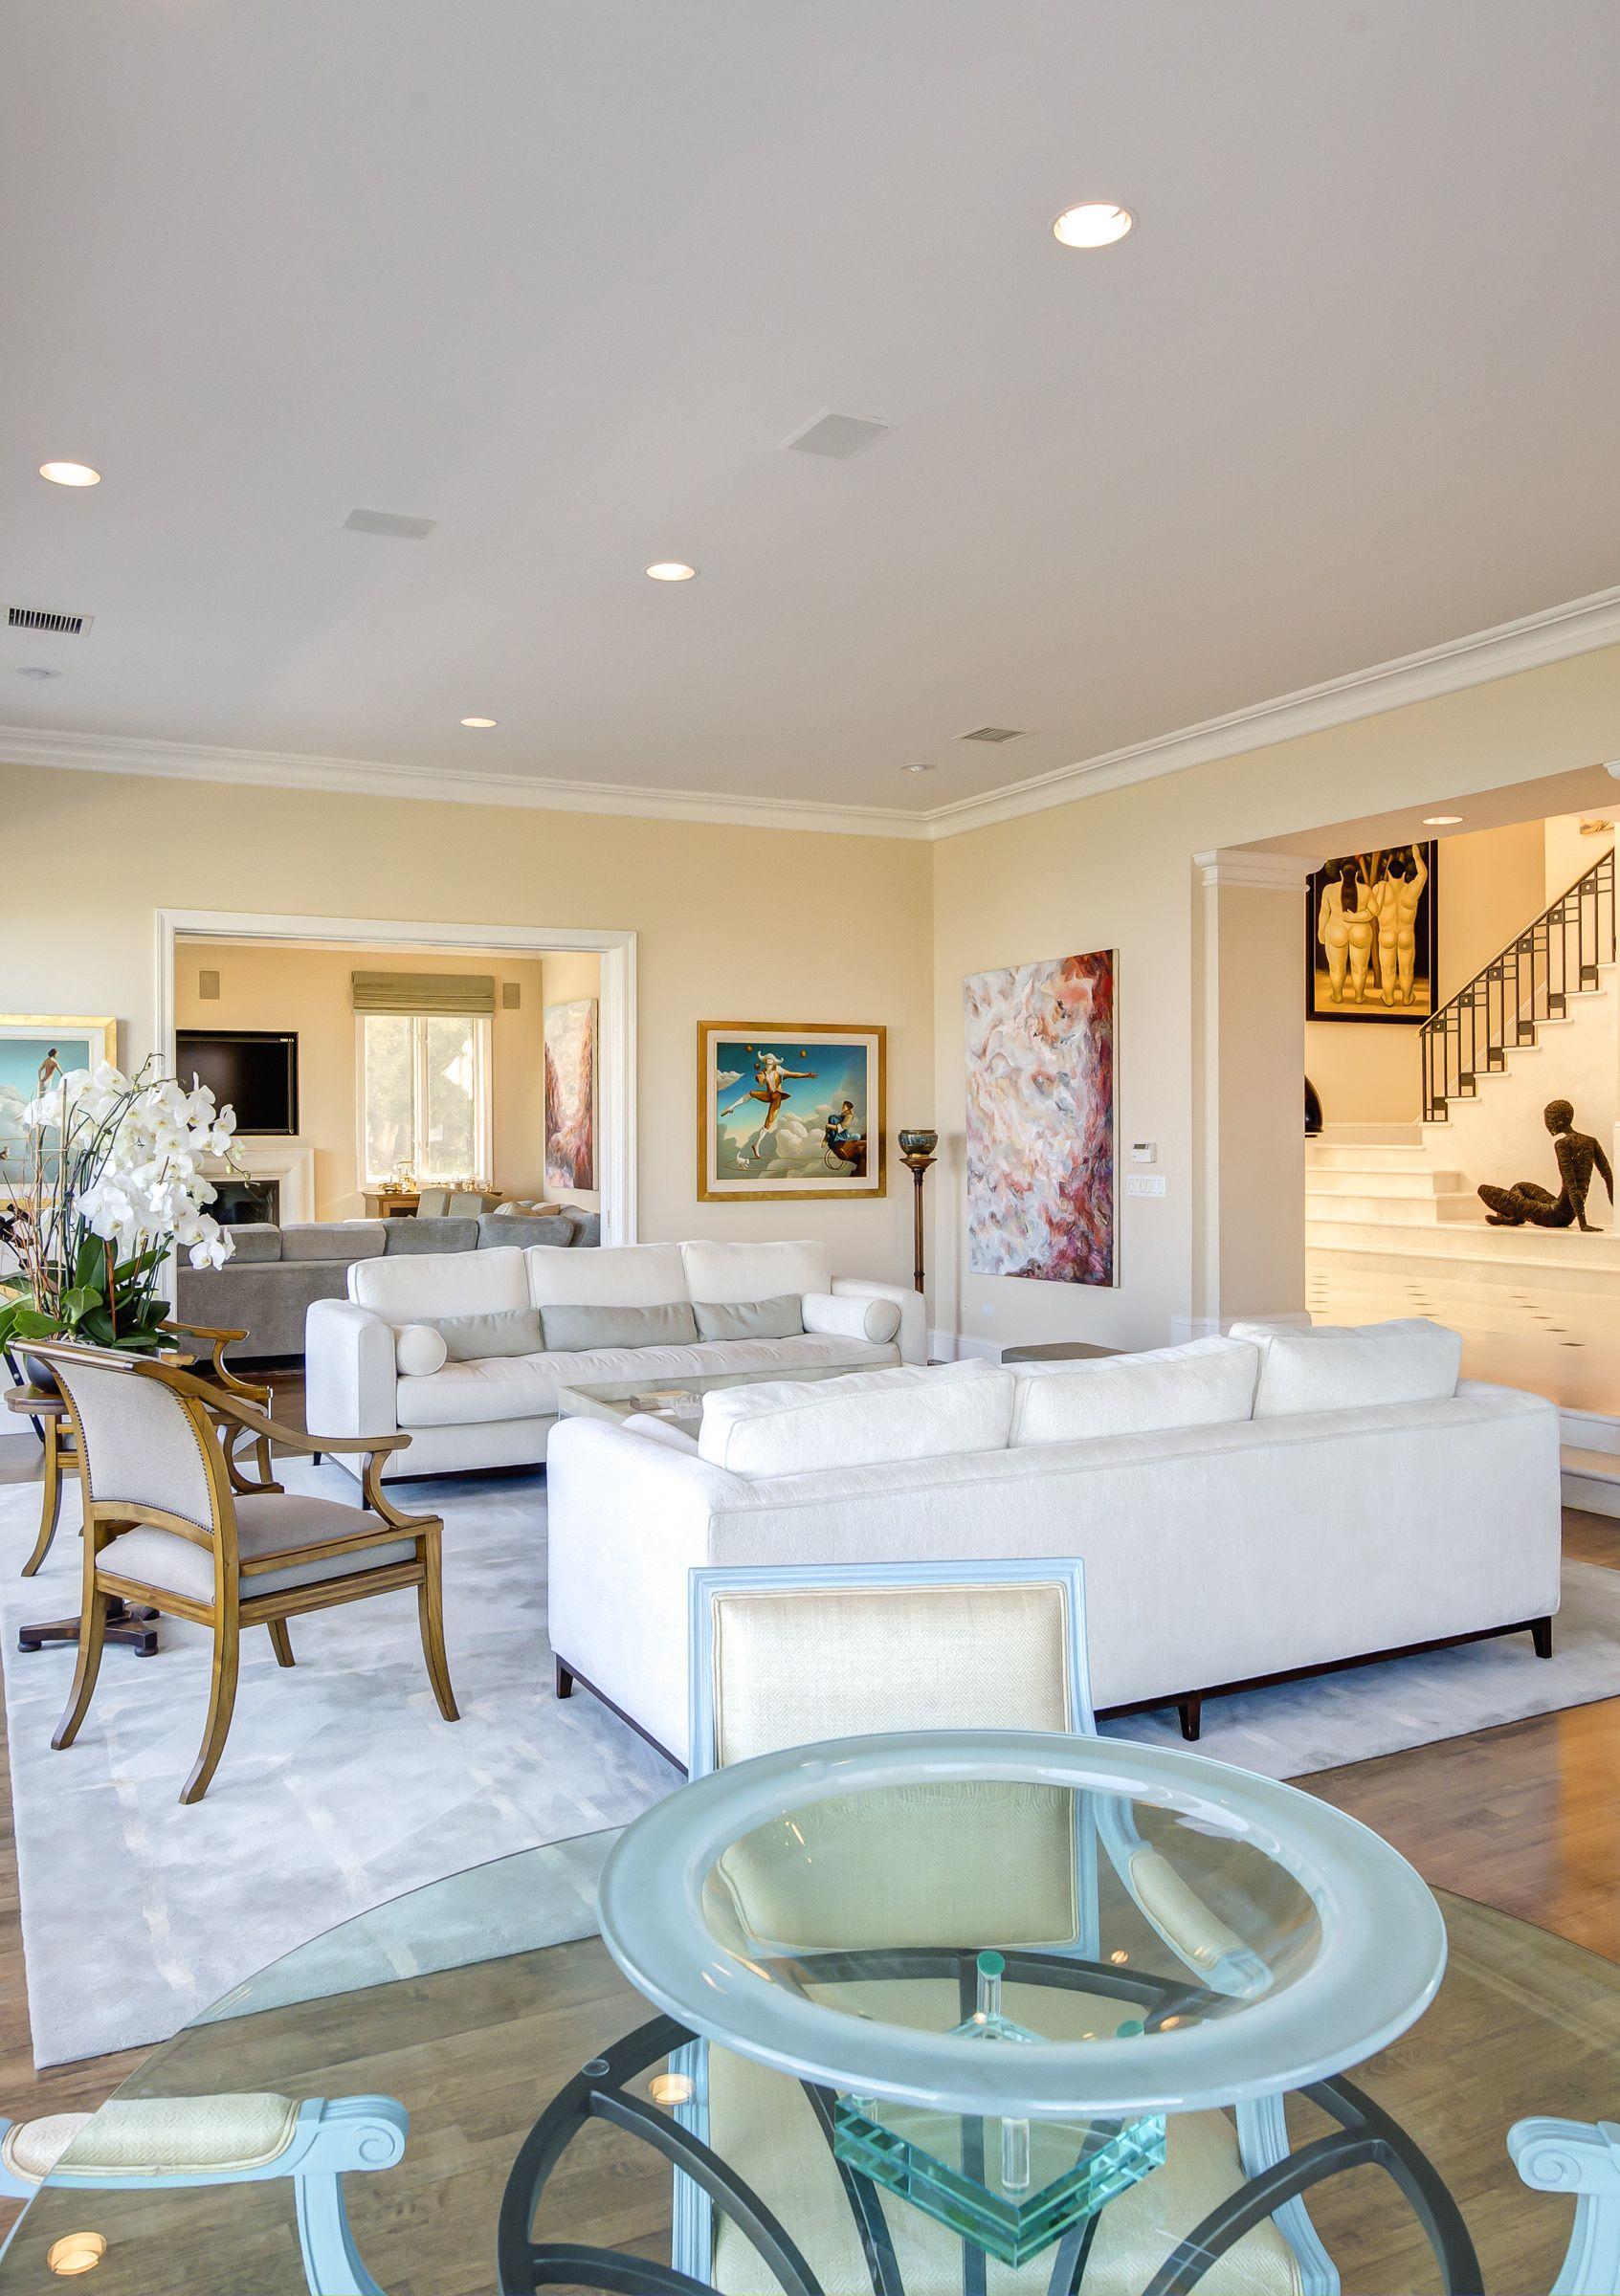 Mediterranean Bel Air Mansion with Modern Art Luxury California